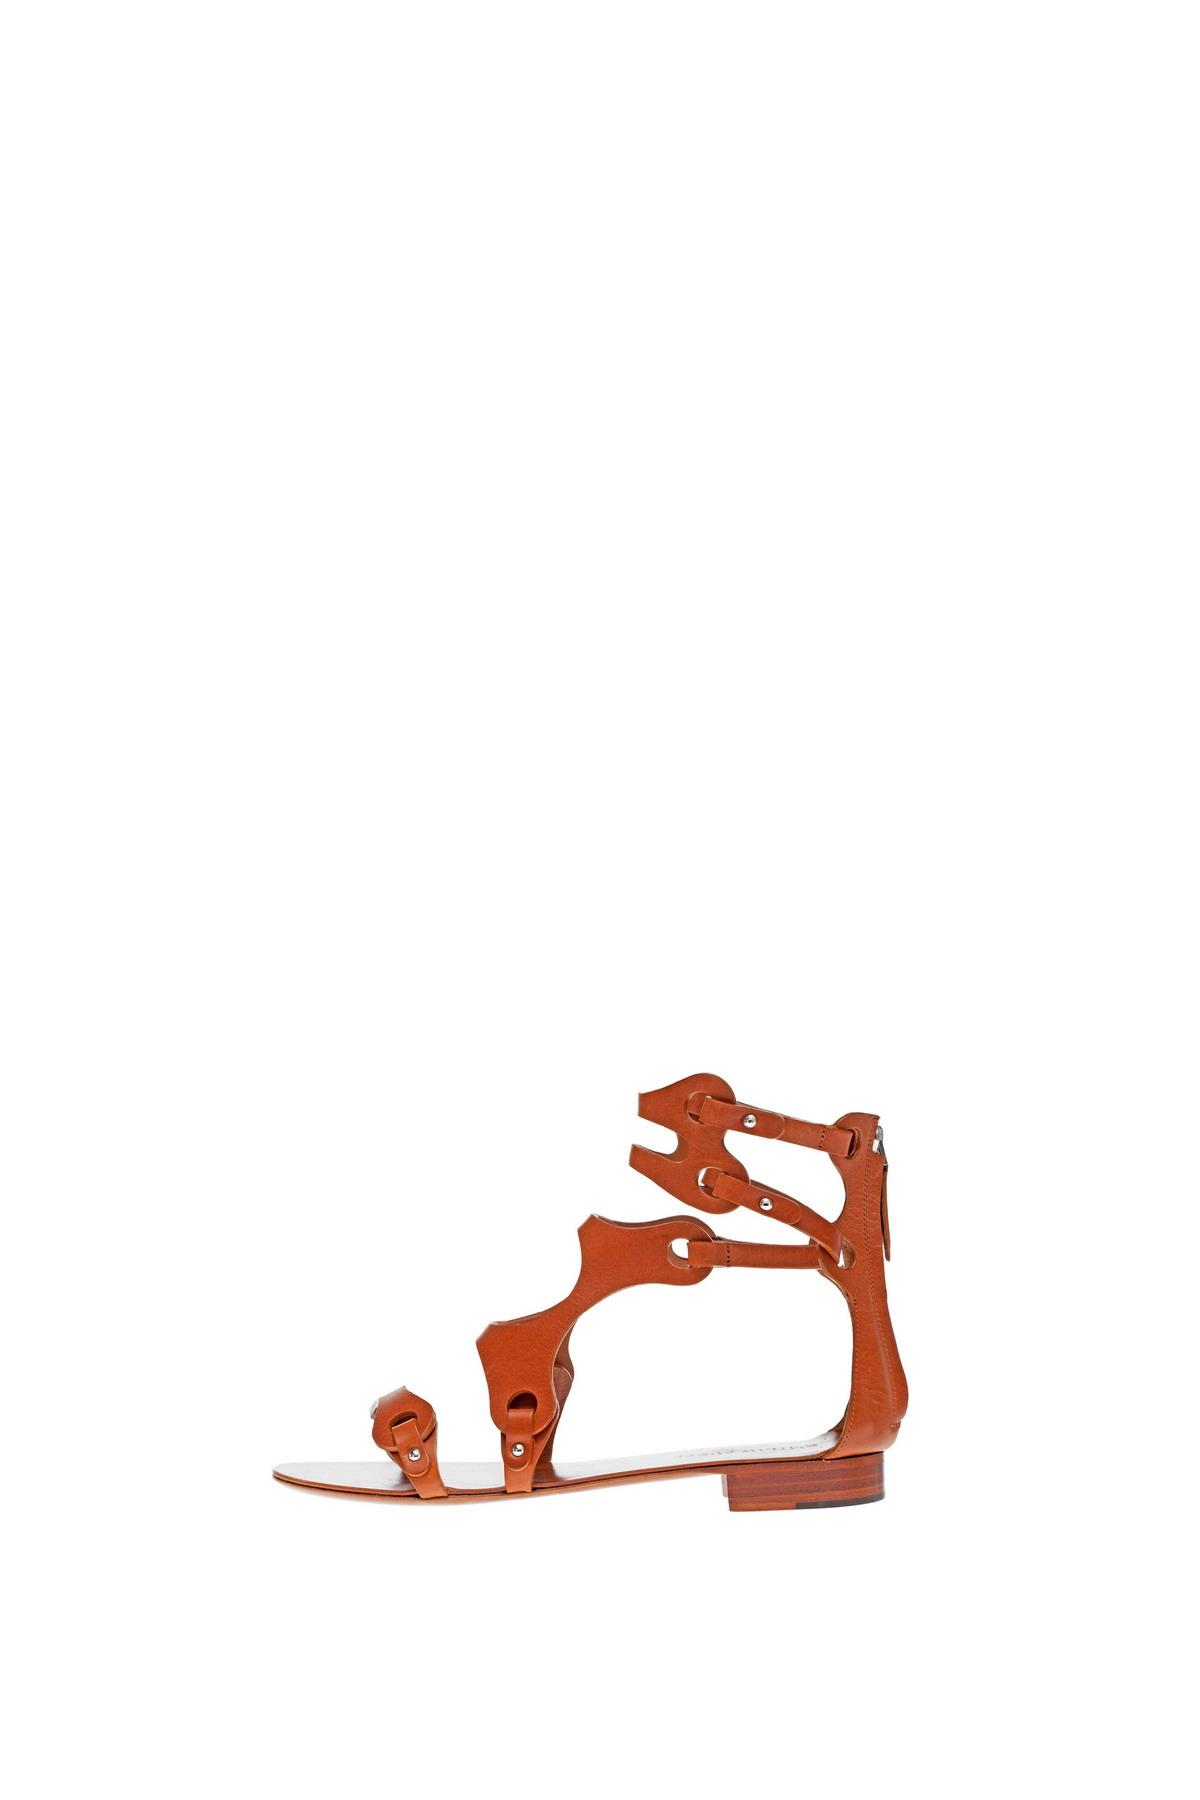 07_EmilioPucci_accessories_SS2015_ridimensionare